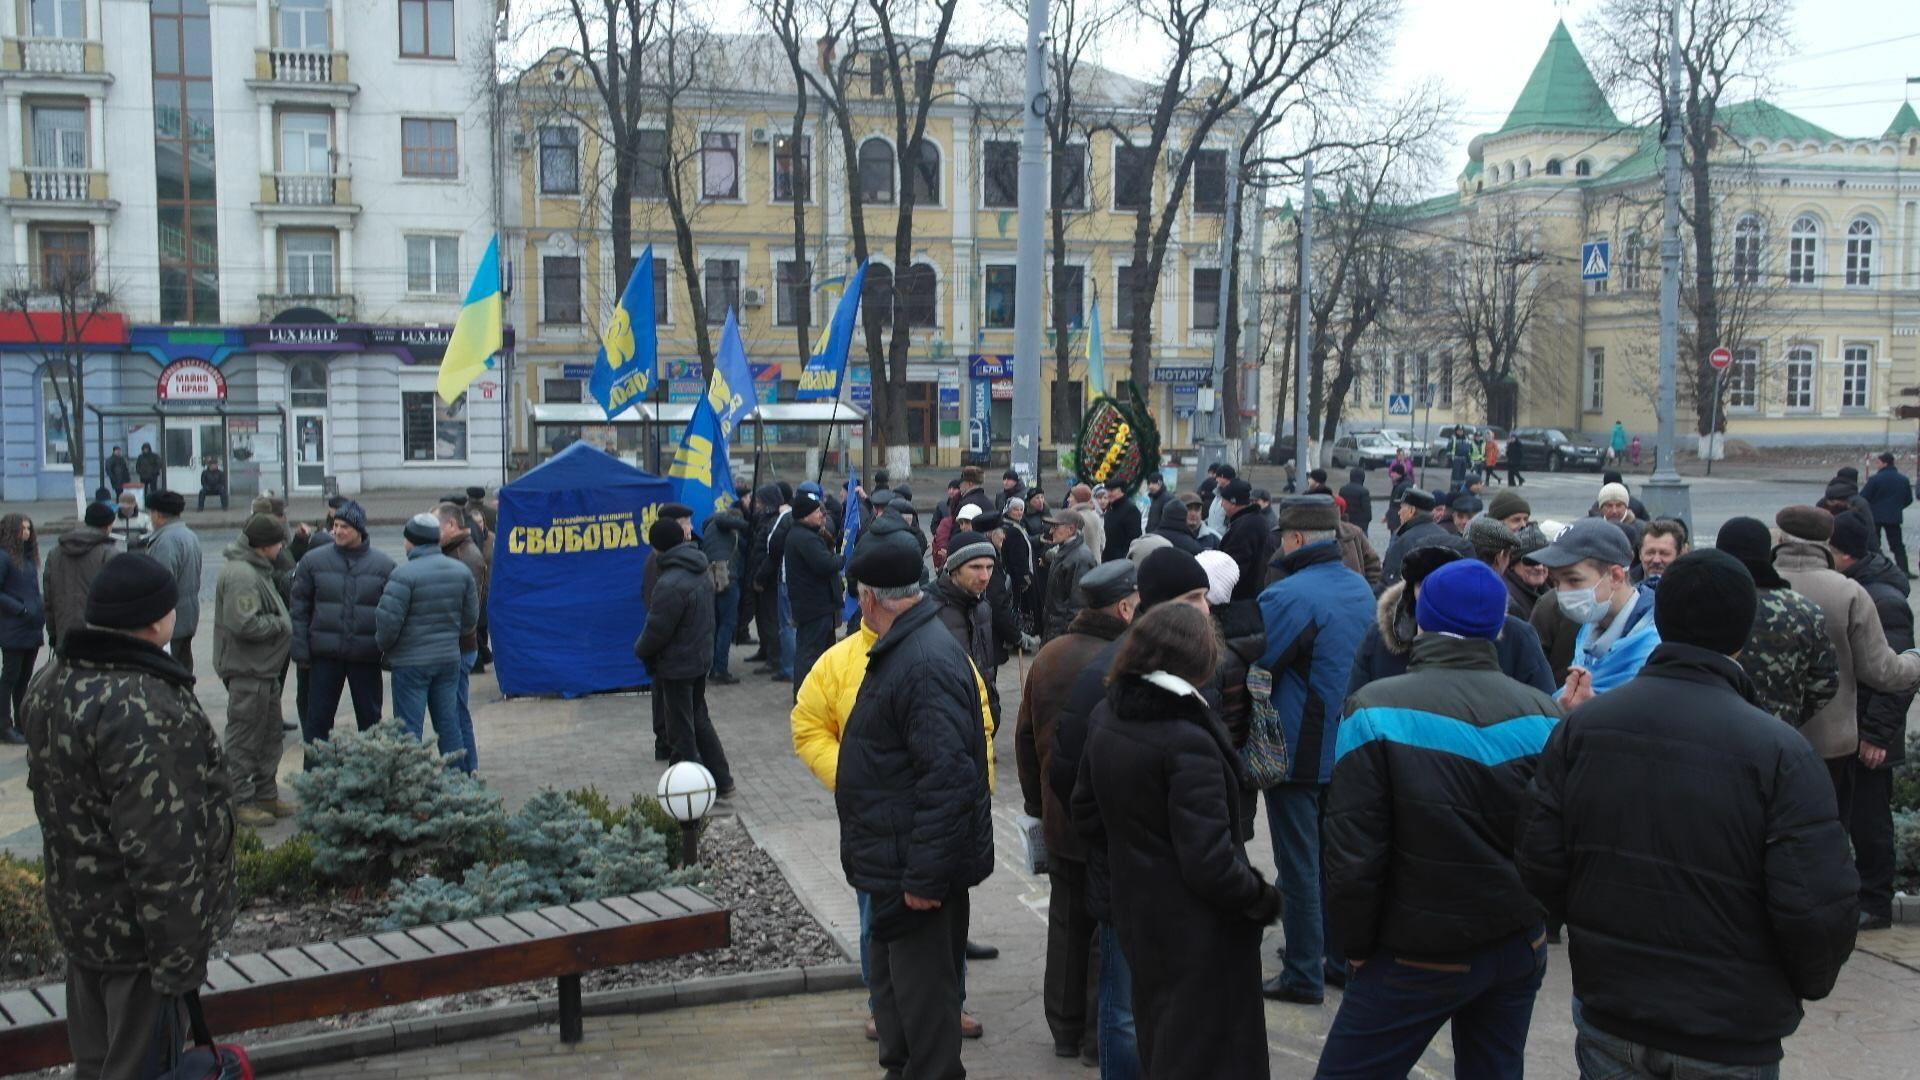 В Виннице народное вече, появились протестные палатки [Фото]